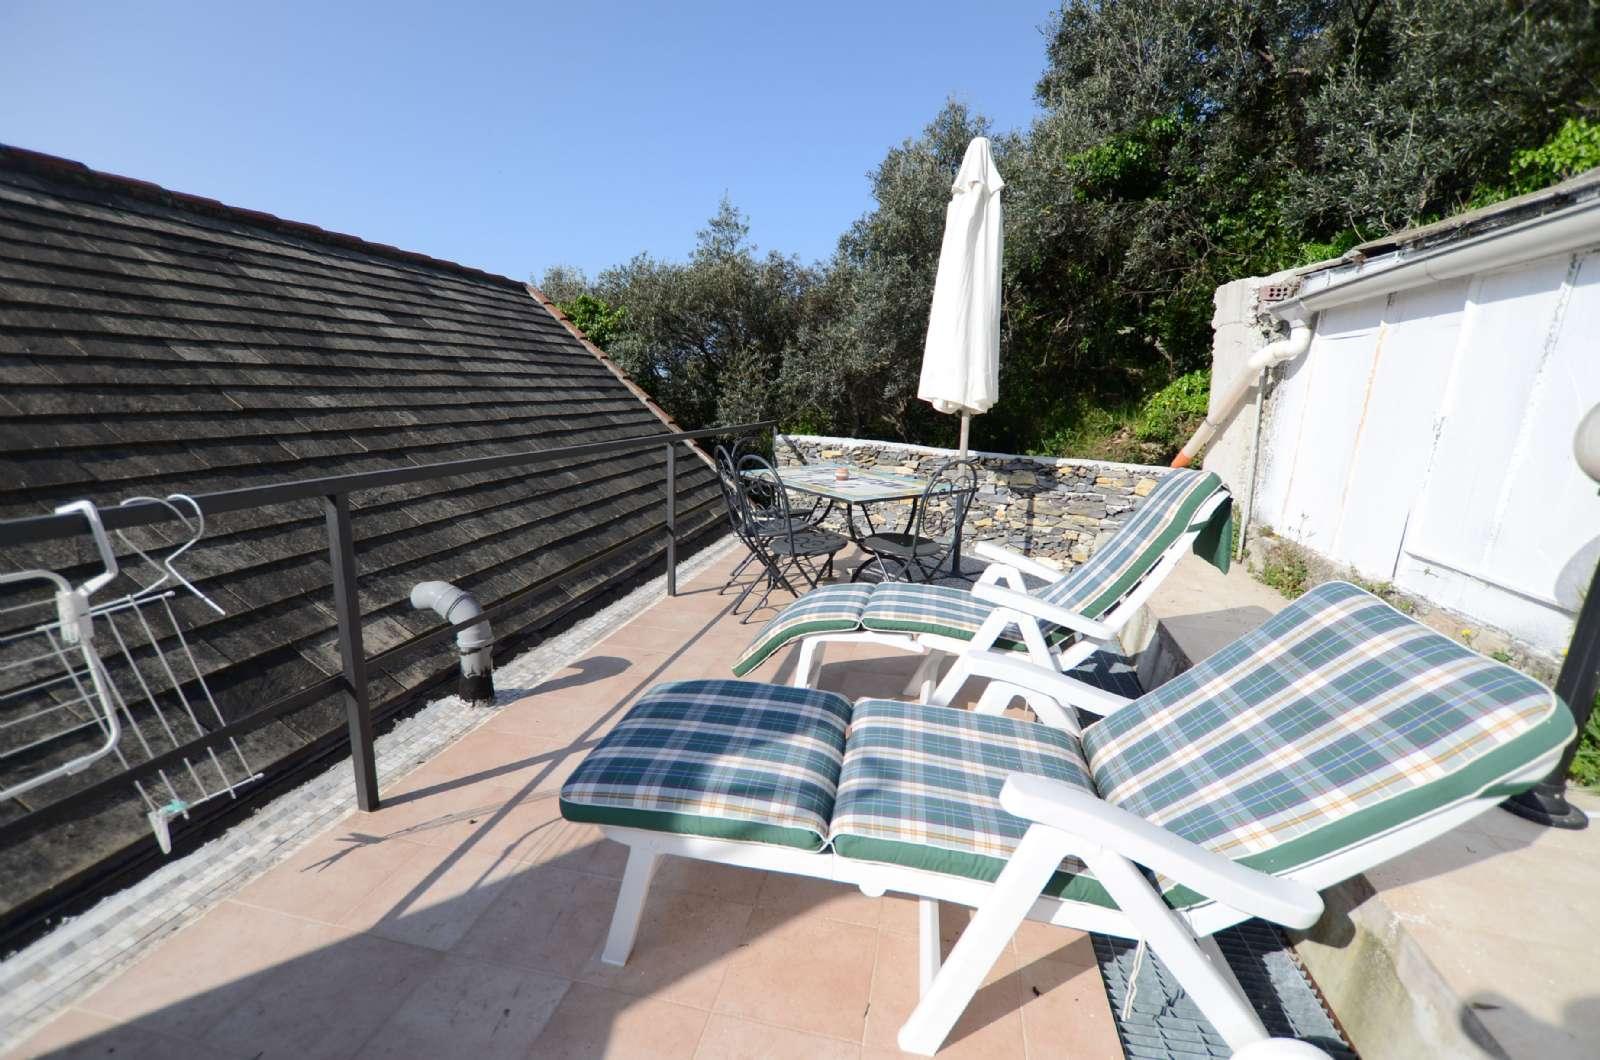 Privat terrass till en av lägenheterna